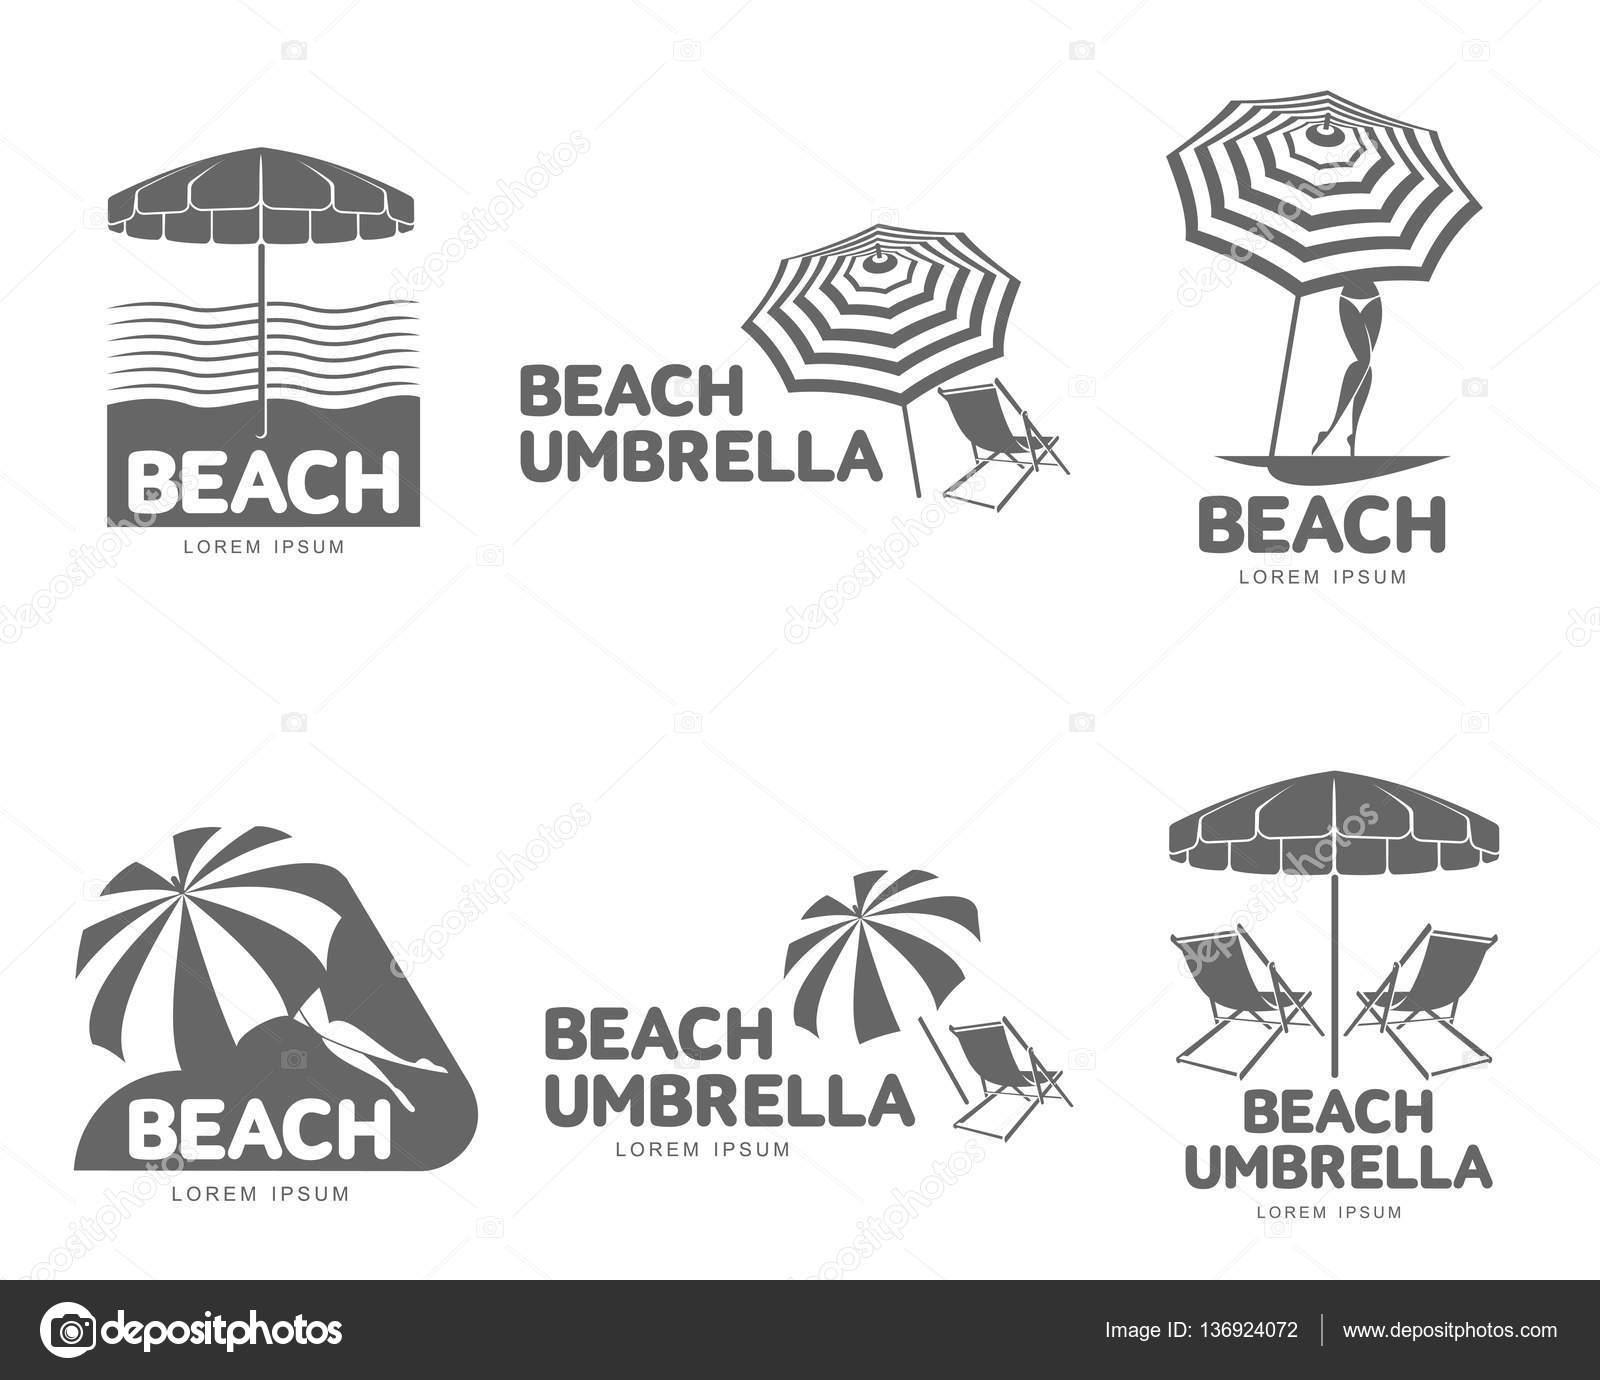 bain de soleil avec parasol bain de soleil modulable l3 With lovely transat de piscine design 2 artelia fr bain de soleil double avec parasol sunrise